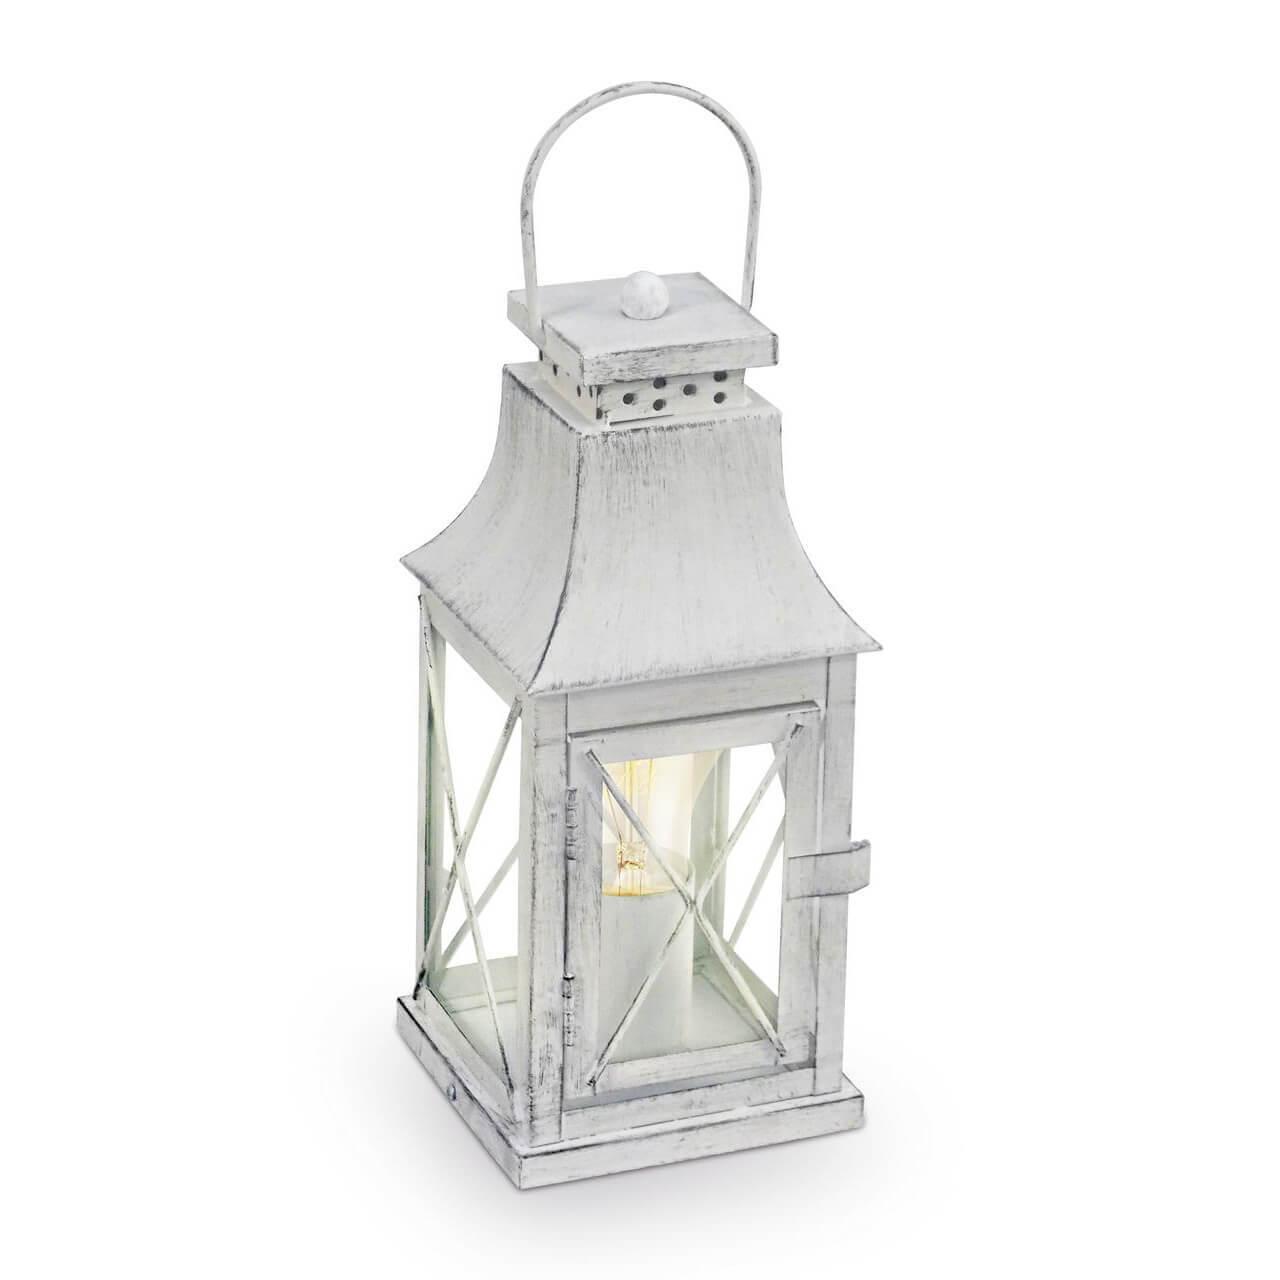 Настольный светильник Eglo 49294, E27, 60 Вт